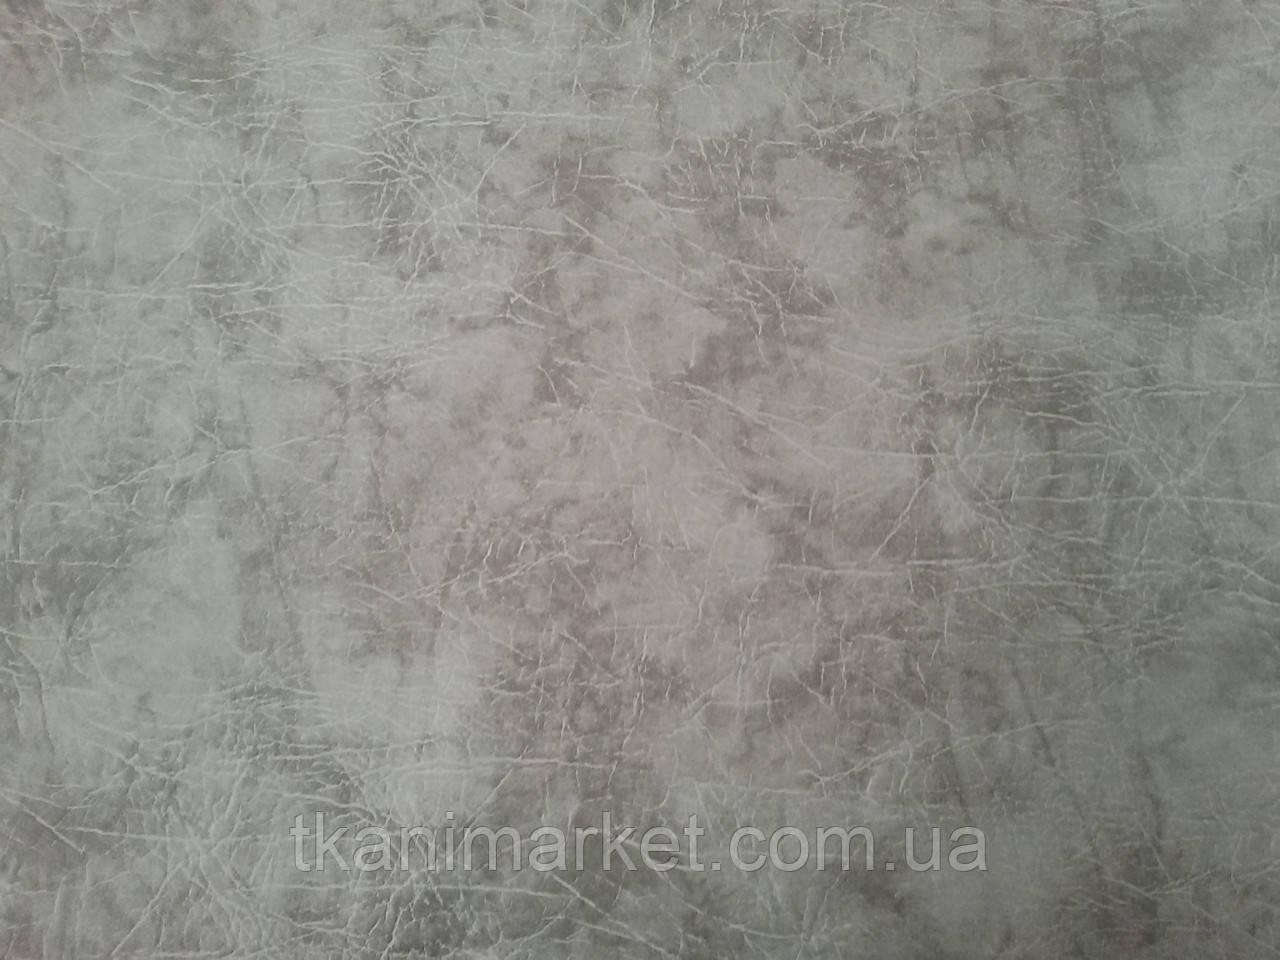 Кожзаменитель обивочный ST-24 - Обивочные и одежные ткани в Одессе